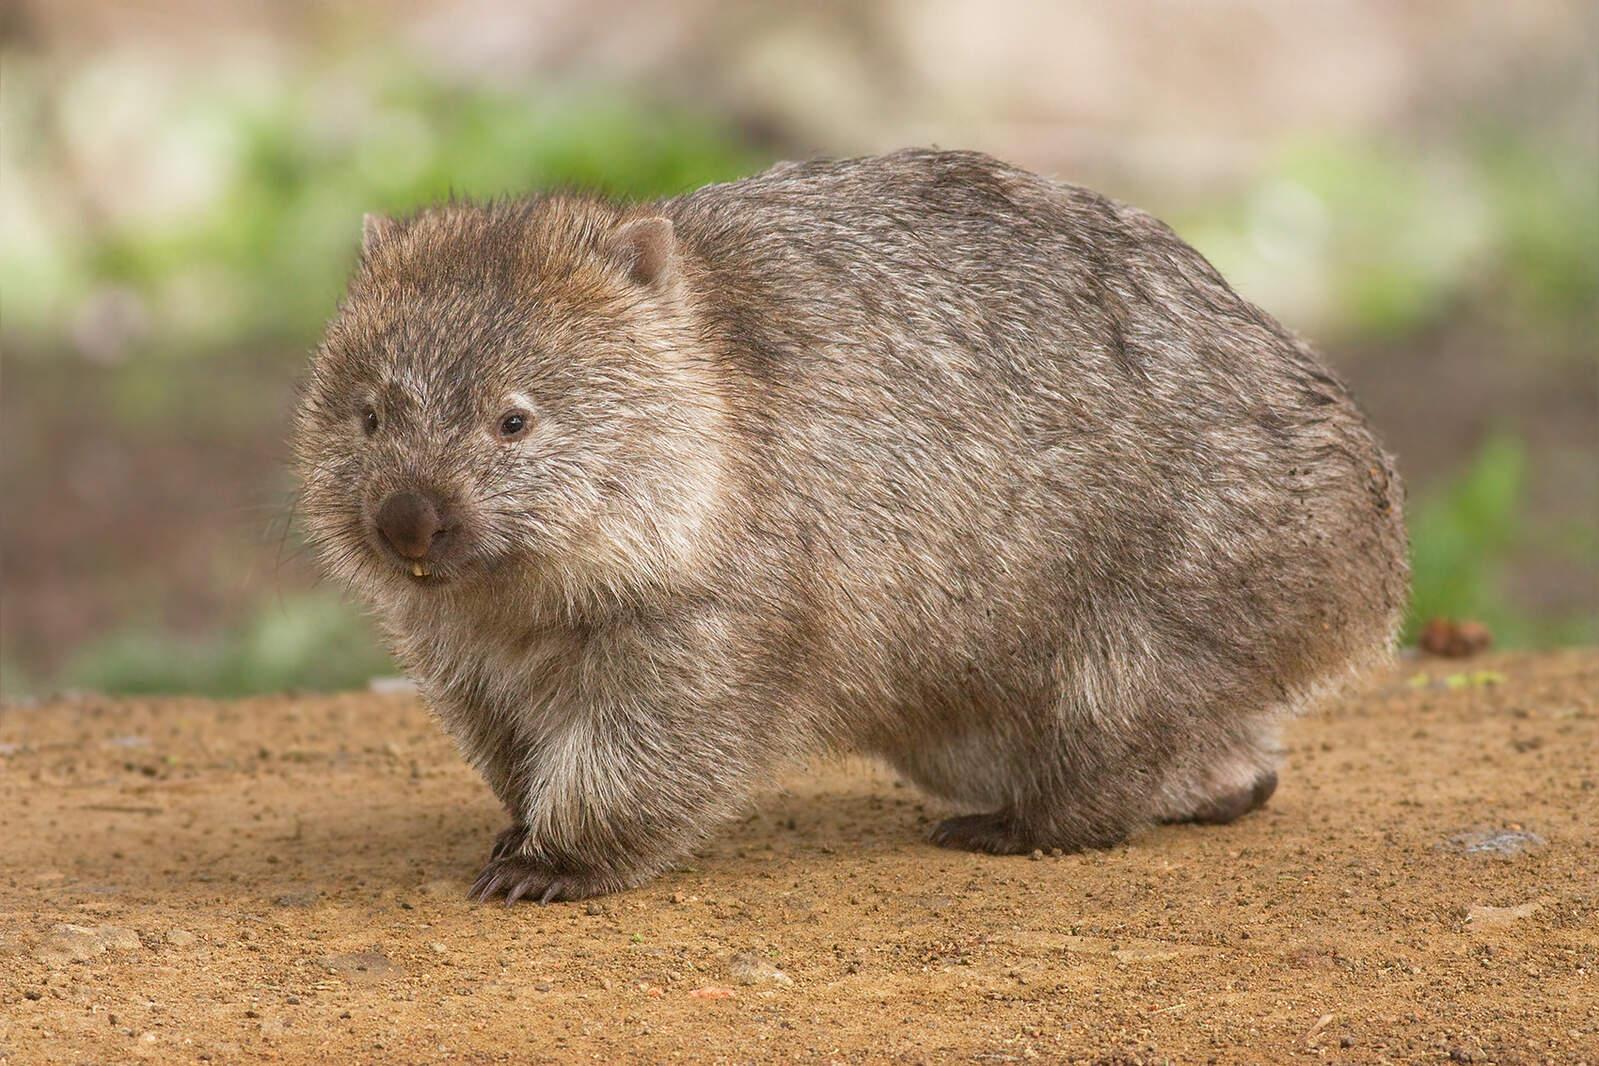 El wombat és un marsupial australià